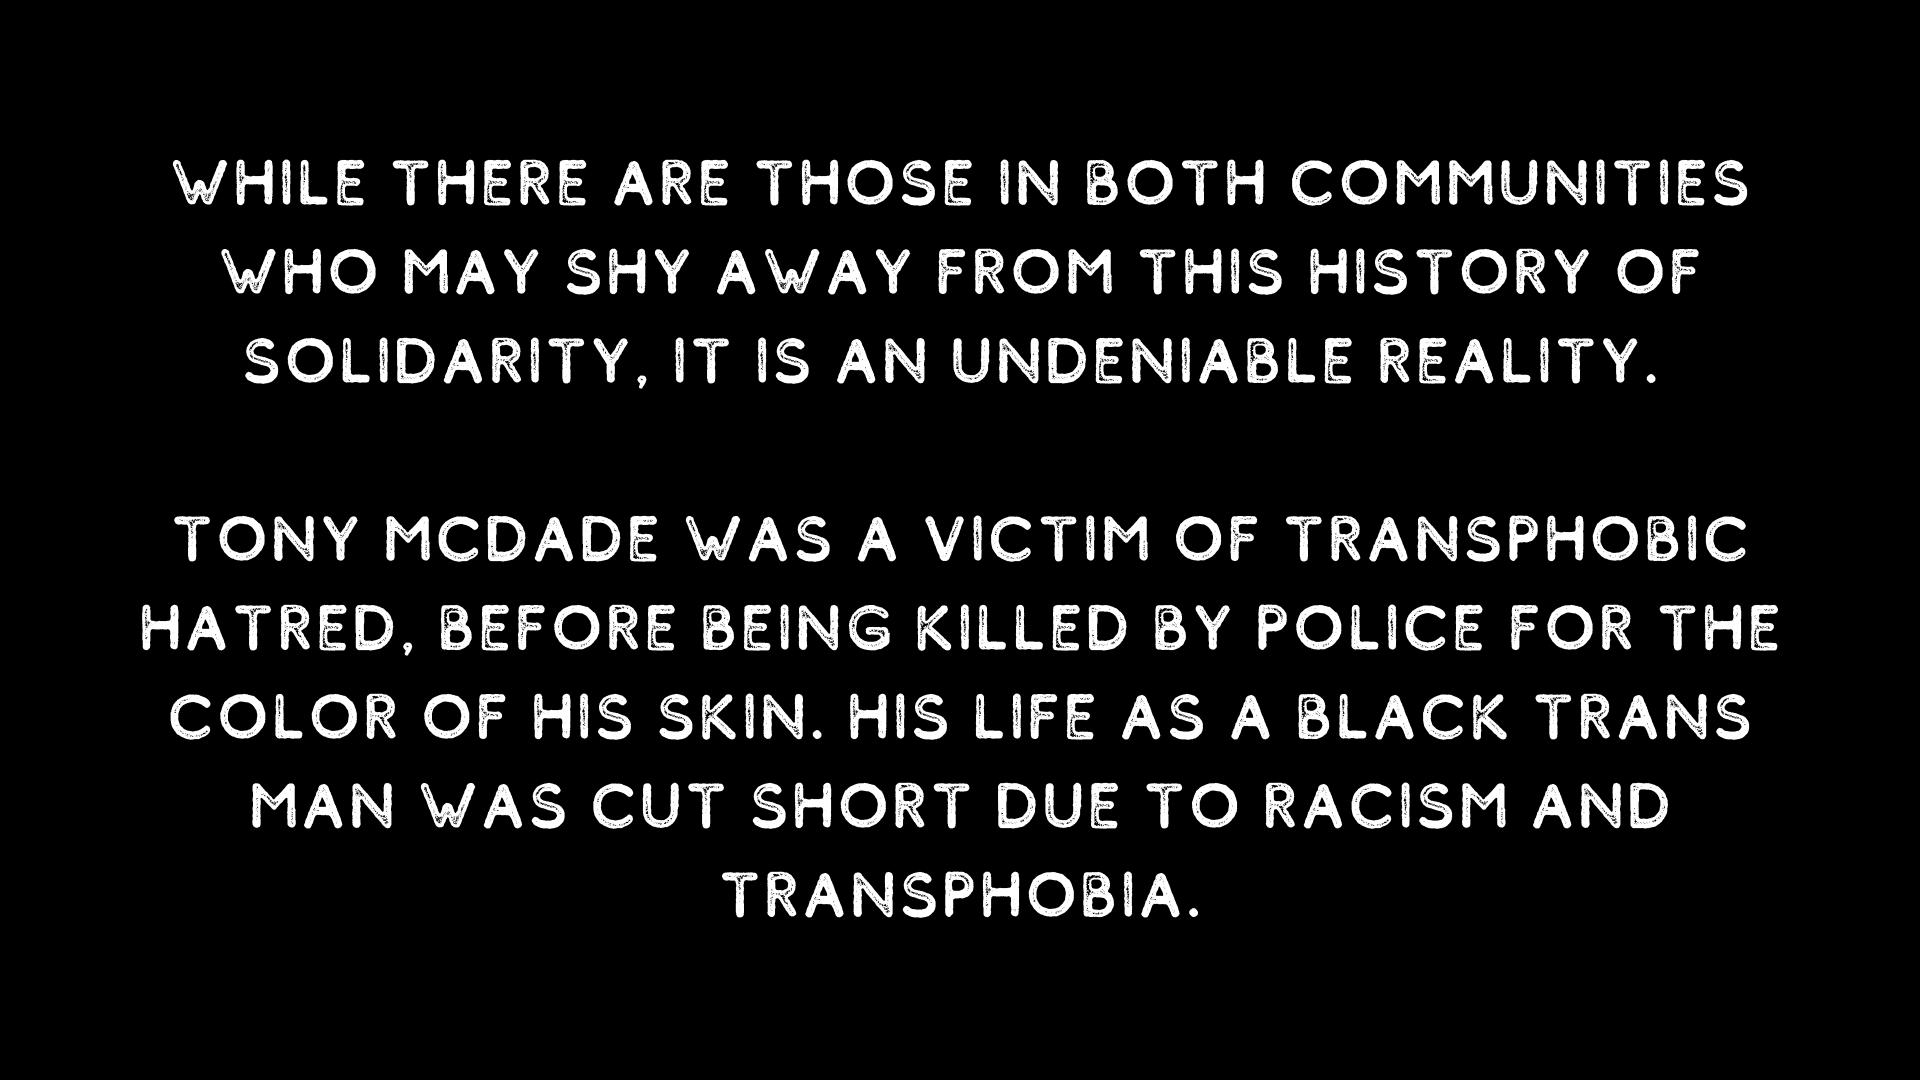 Tony McDade